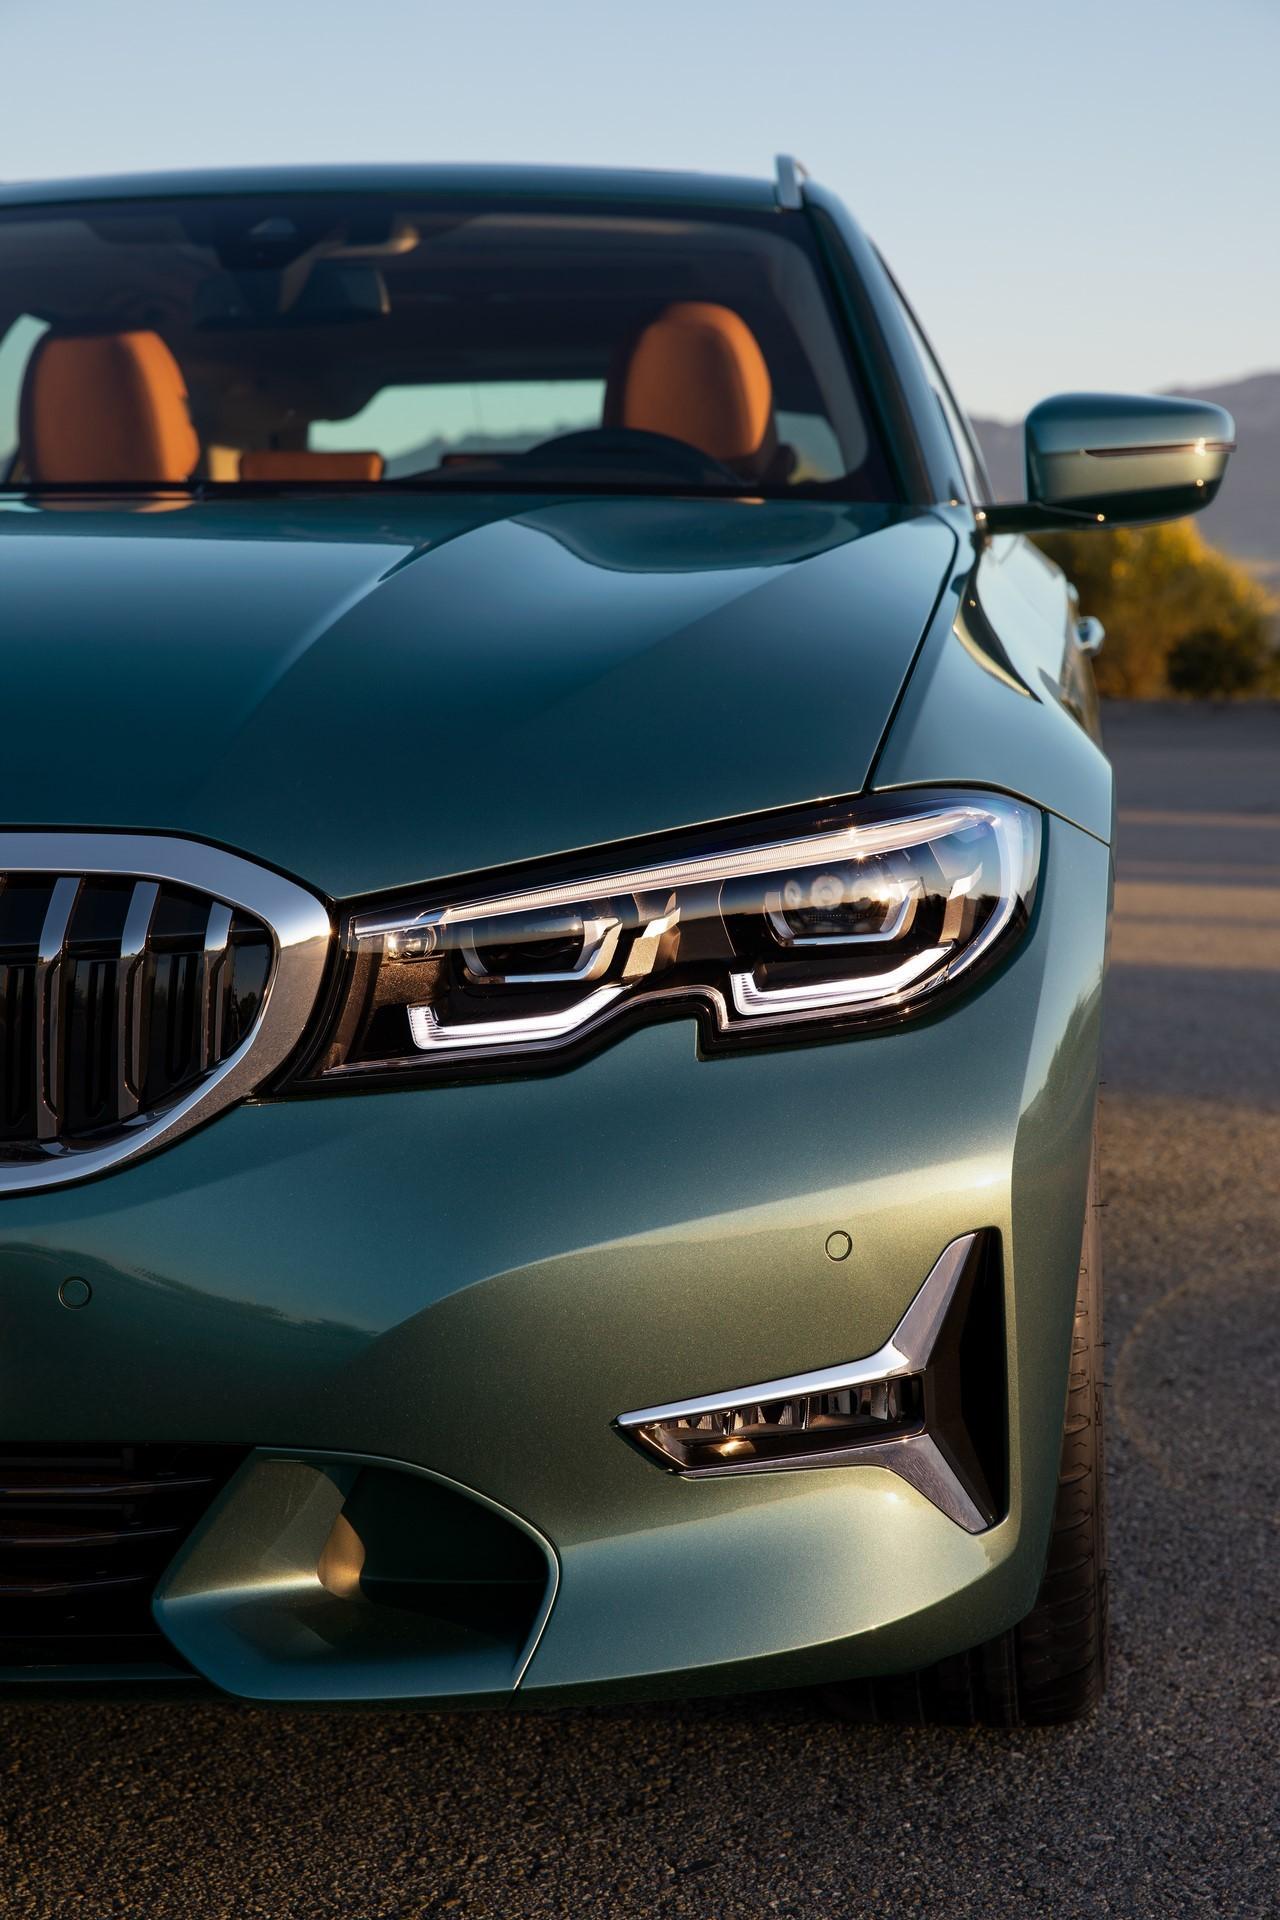 BMW-3-Series-Touring-2019-39